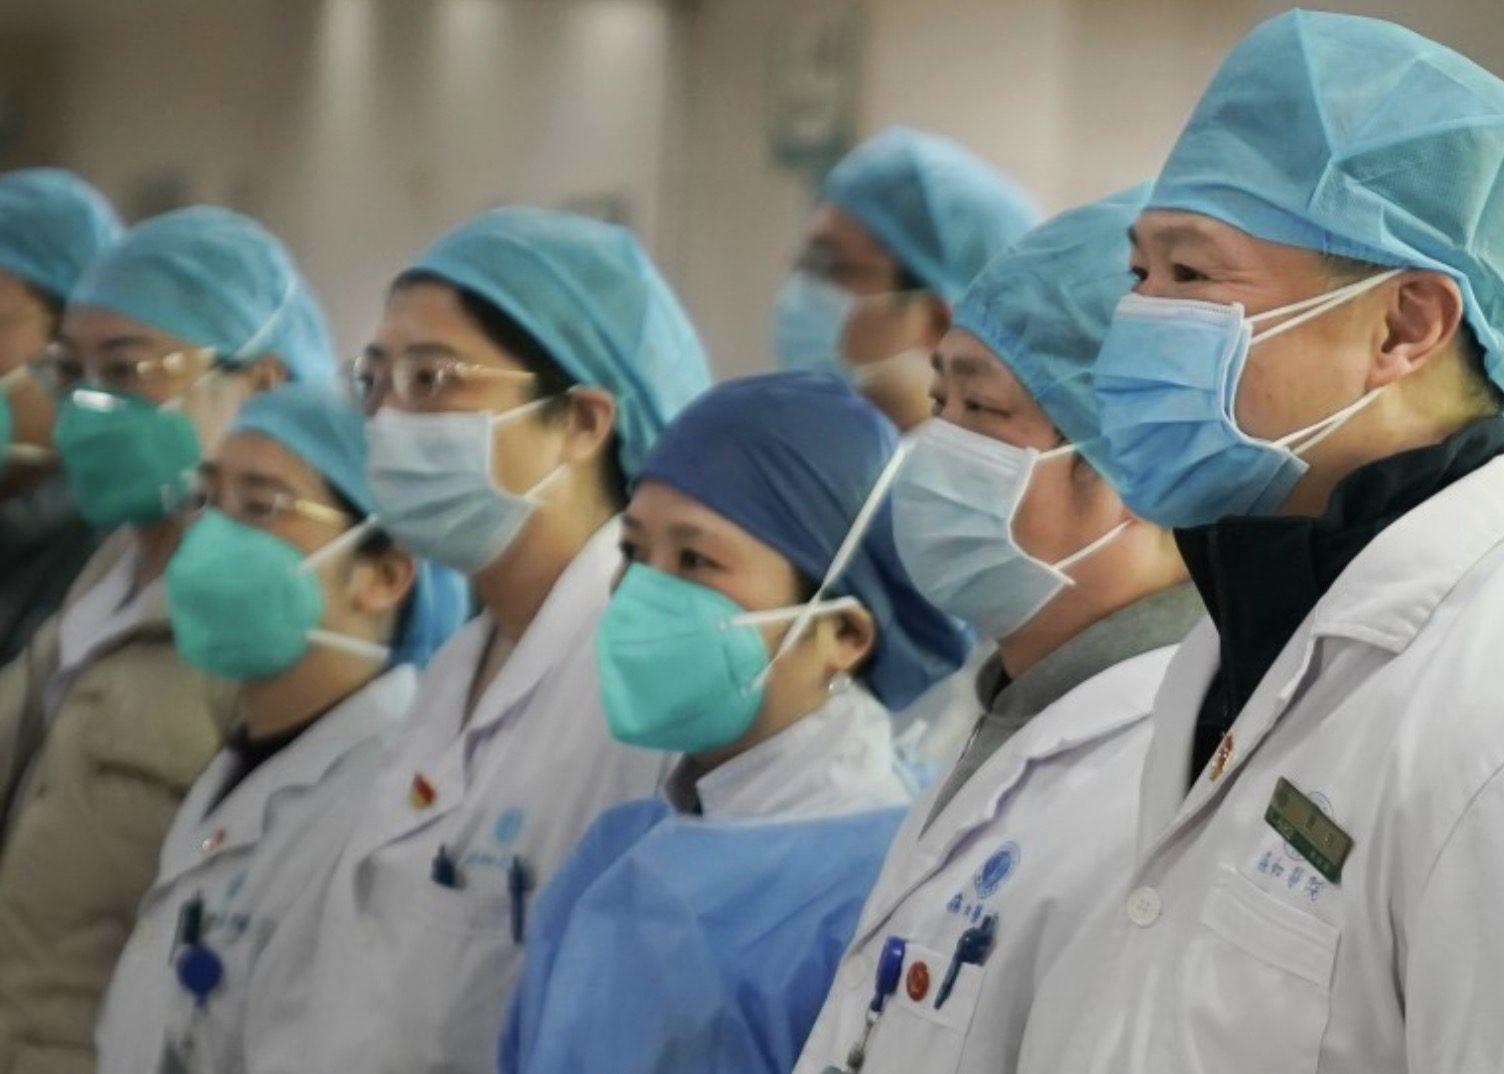 La Cina invia il terzo team di medici e forniture mediche all'Italia.